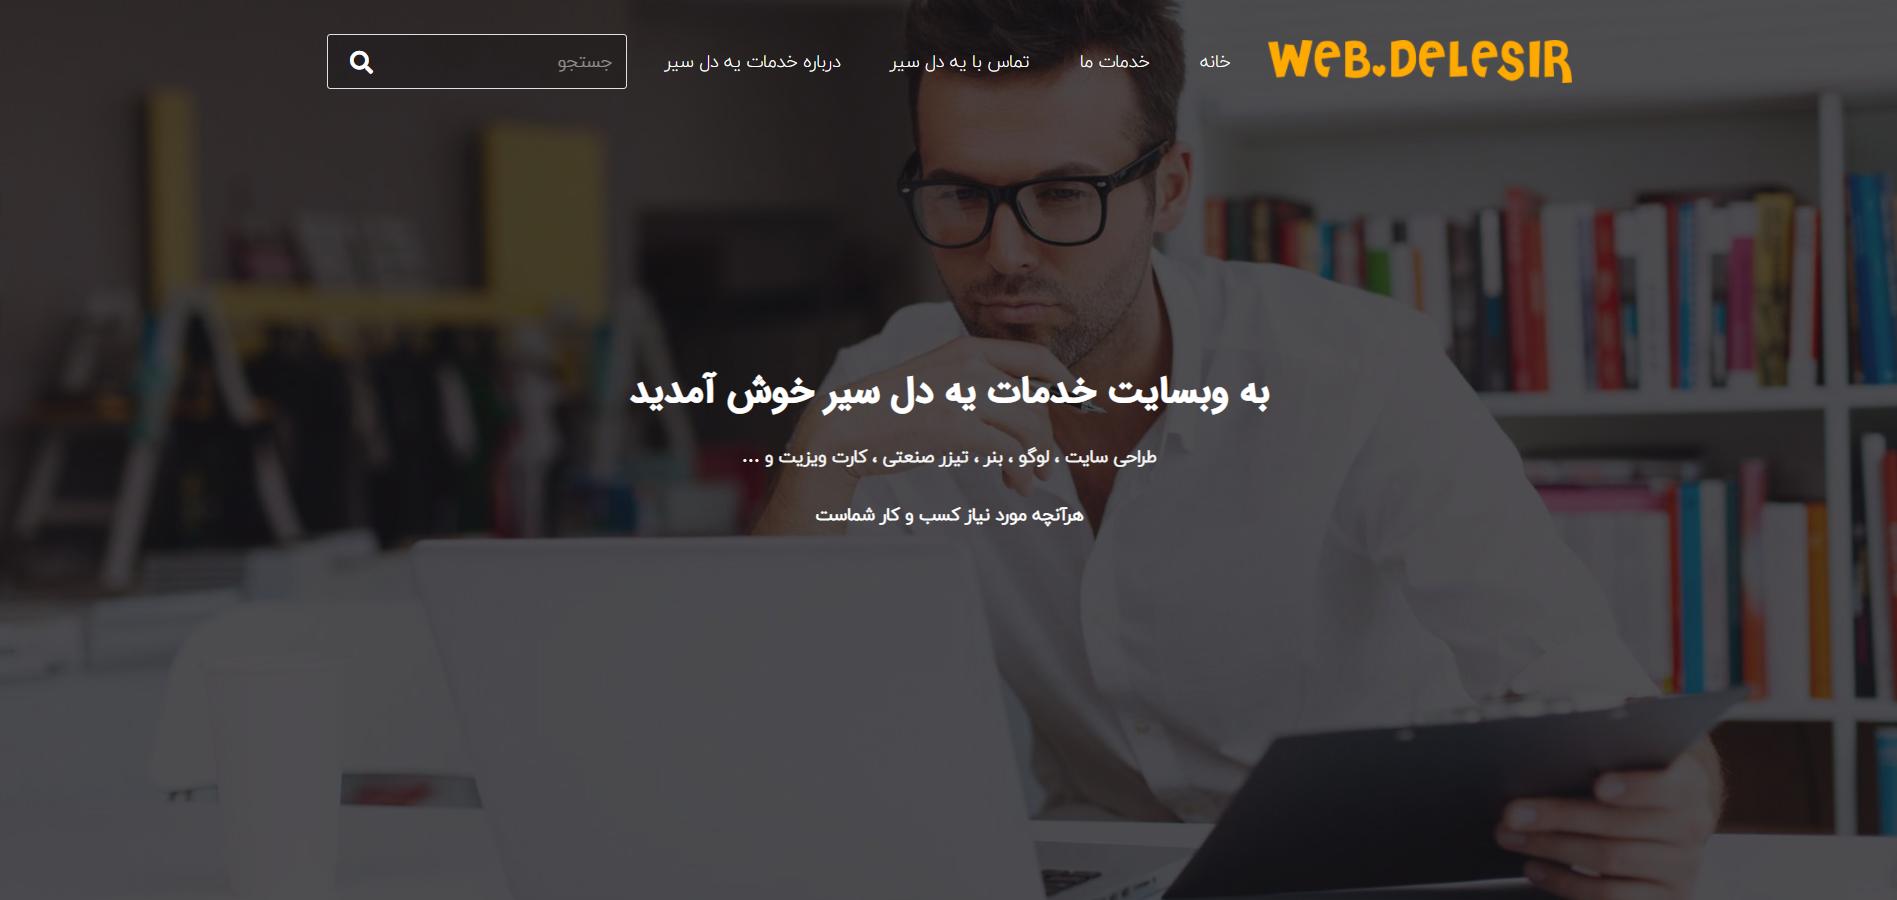 خدمات گرافیک و طراحی